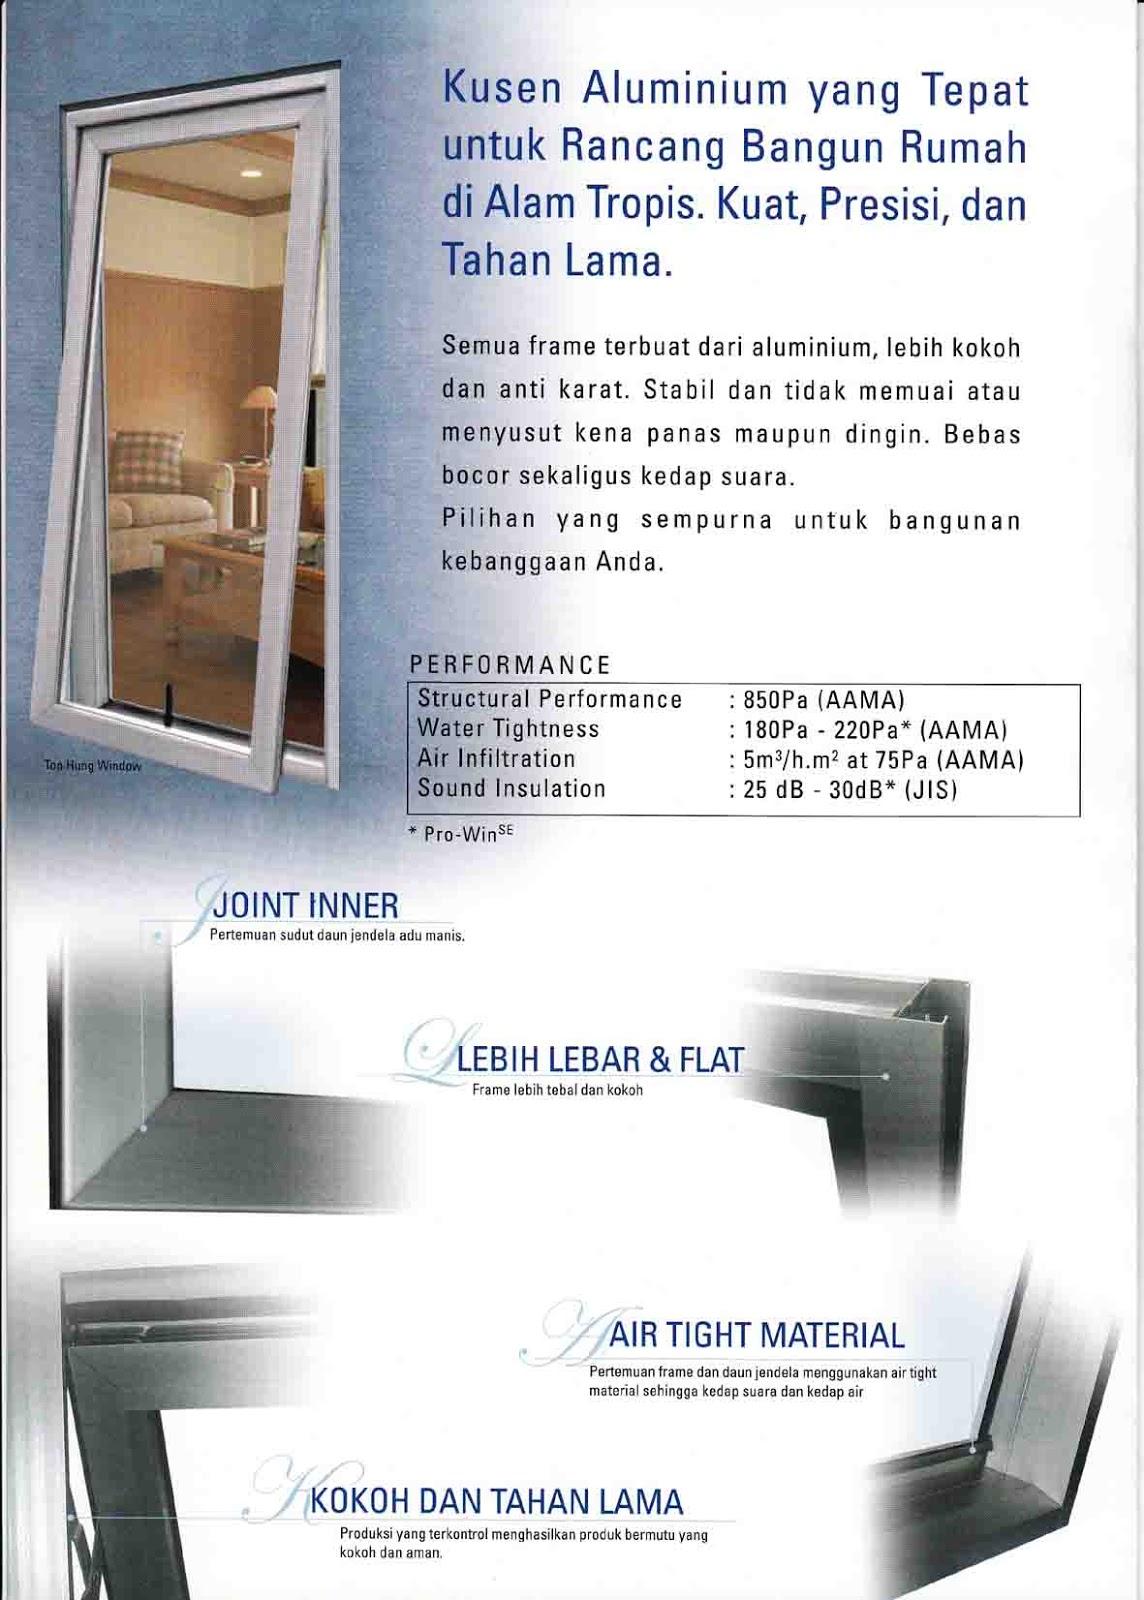 Harga jual kusen aluminium 2013 home design idea for Harga pasang kitchen set